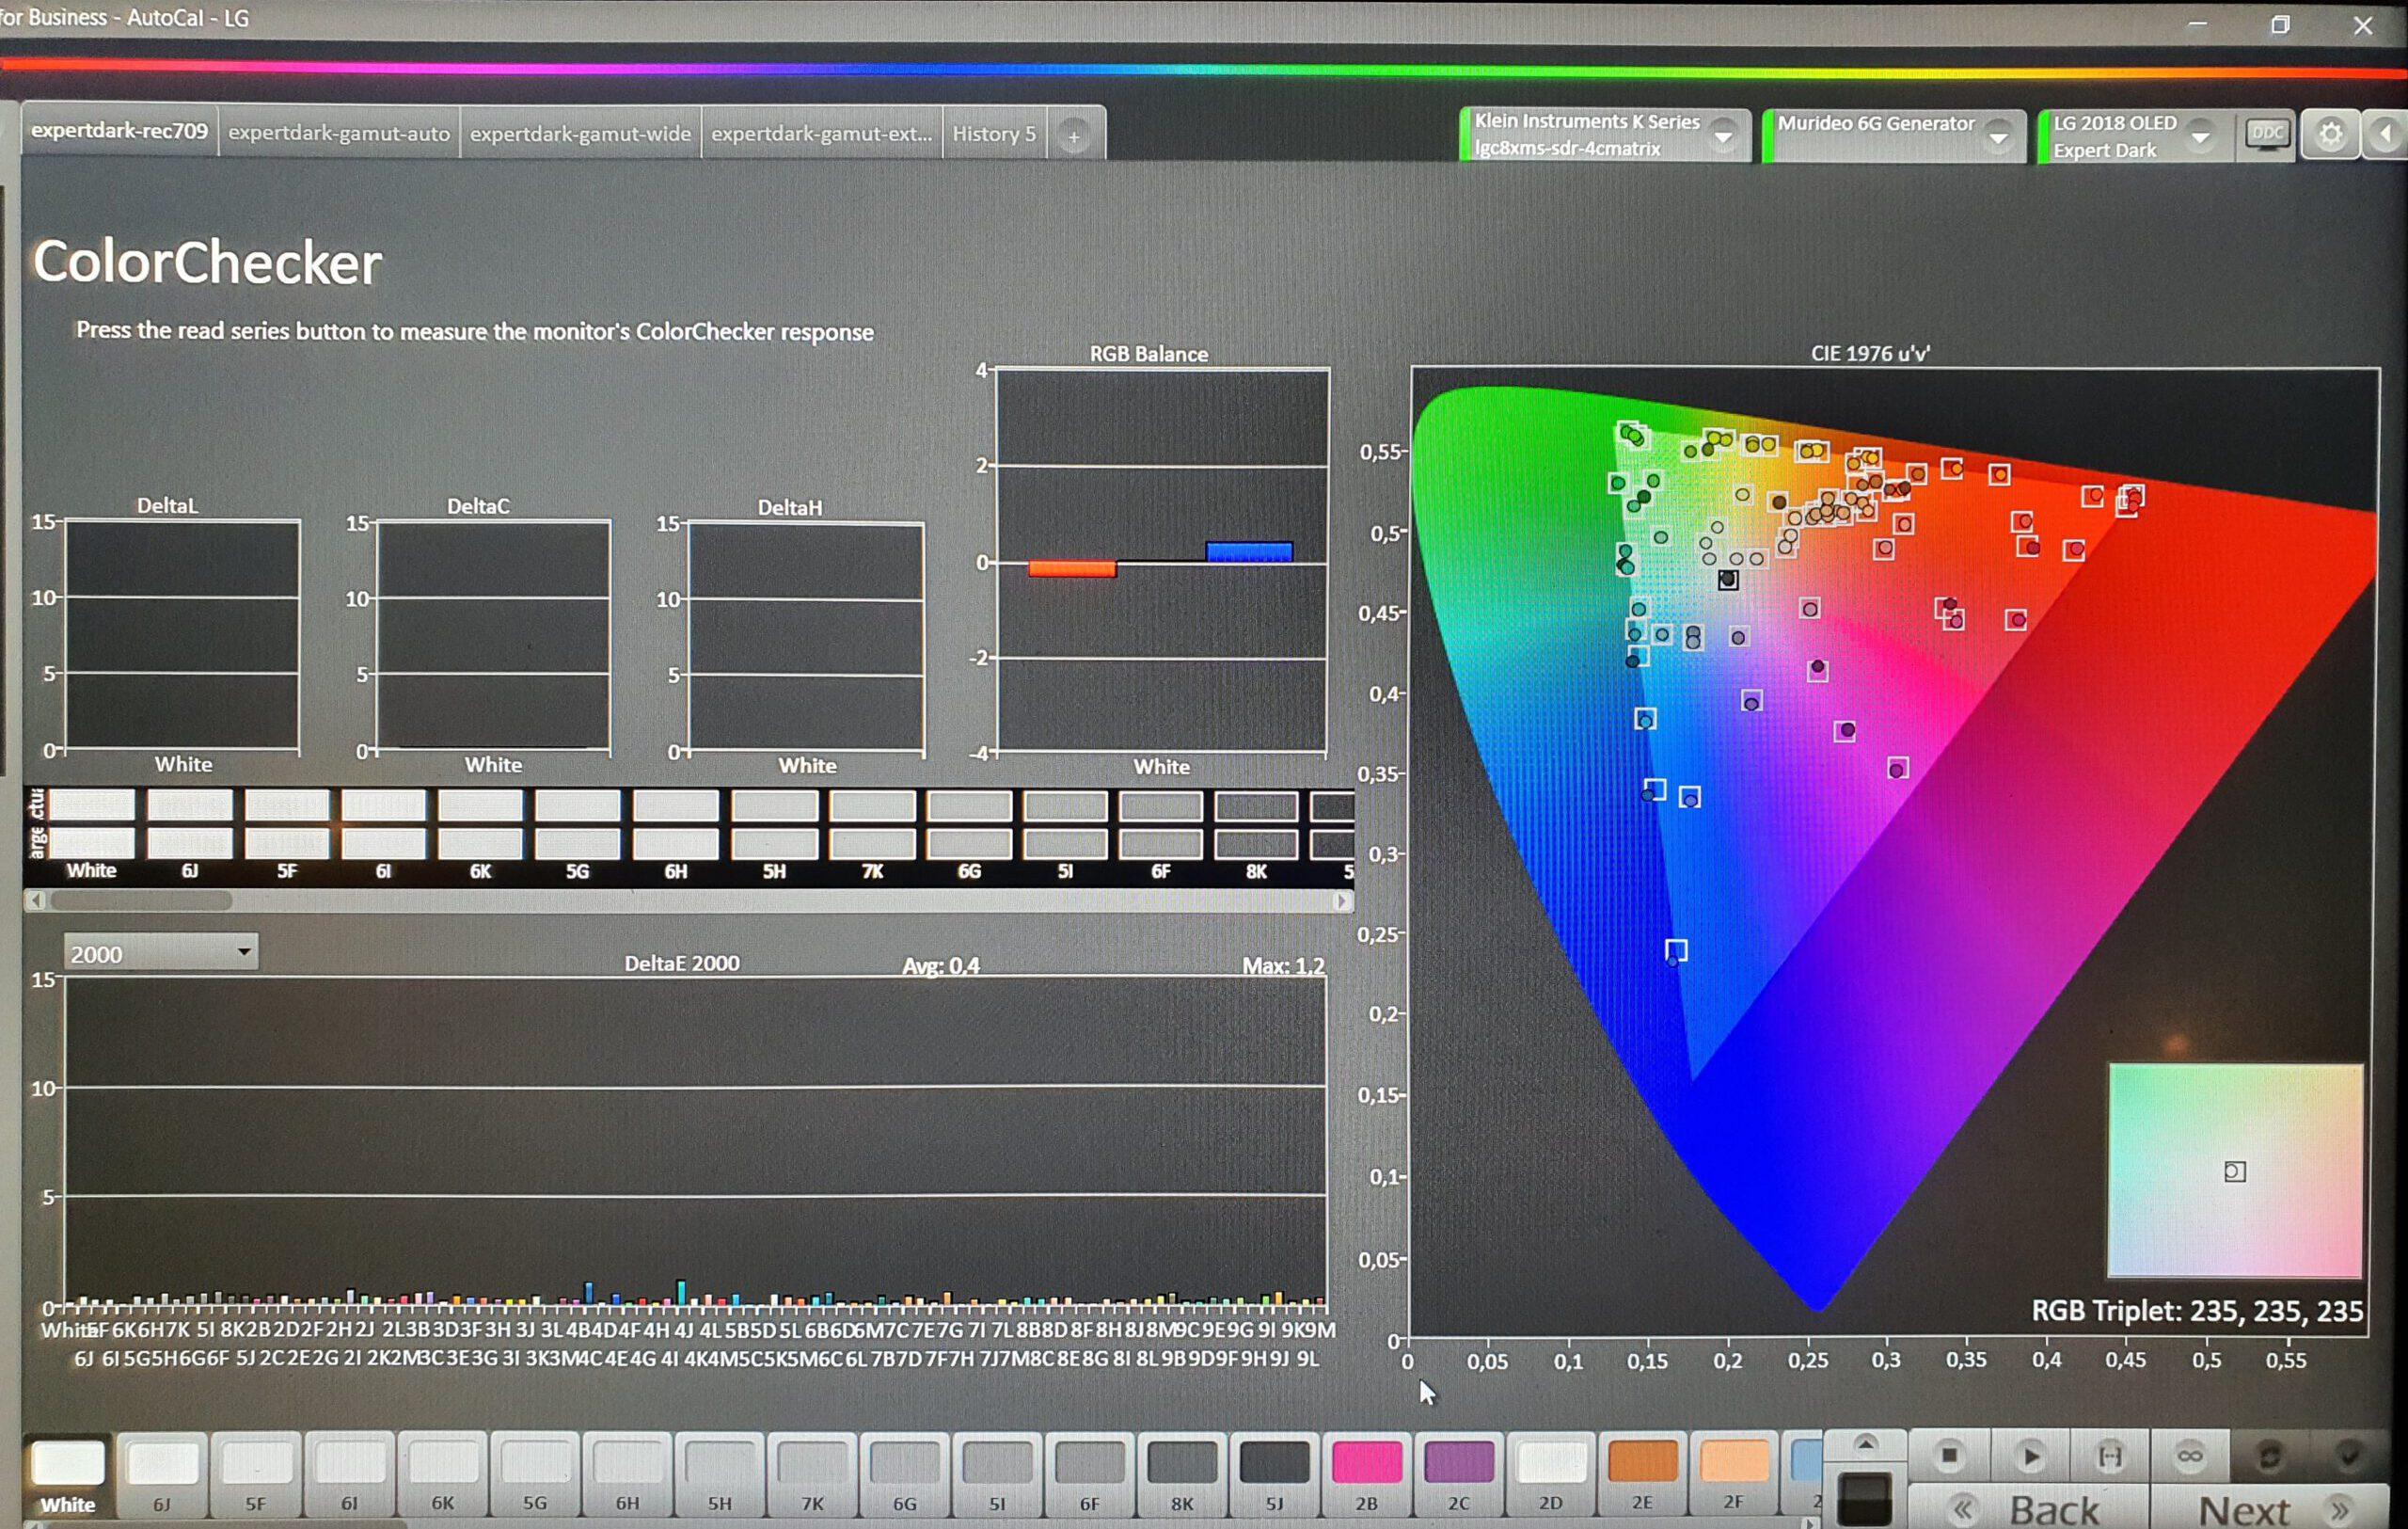 Colorchecker-LG-OLED-Rec709